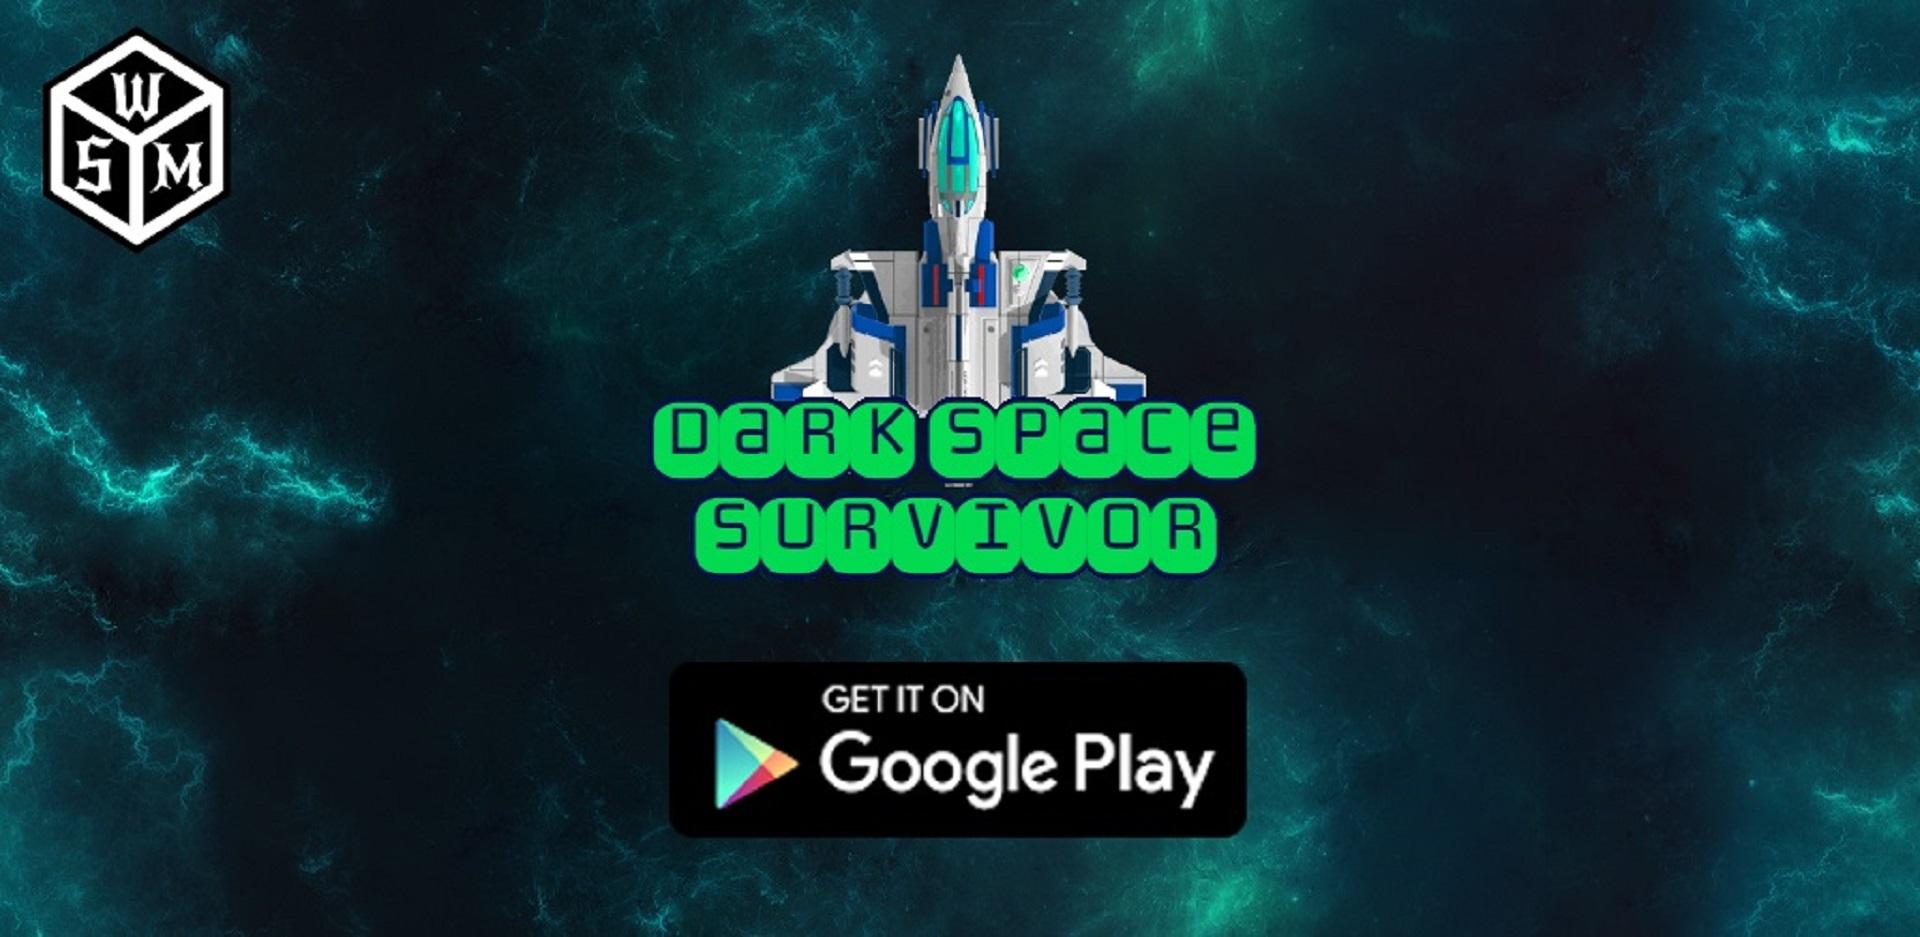 Dark Space Survivor